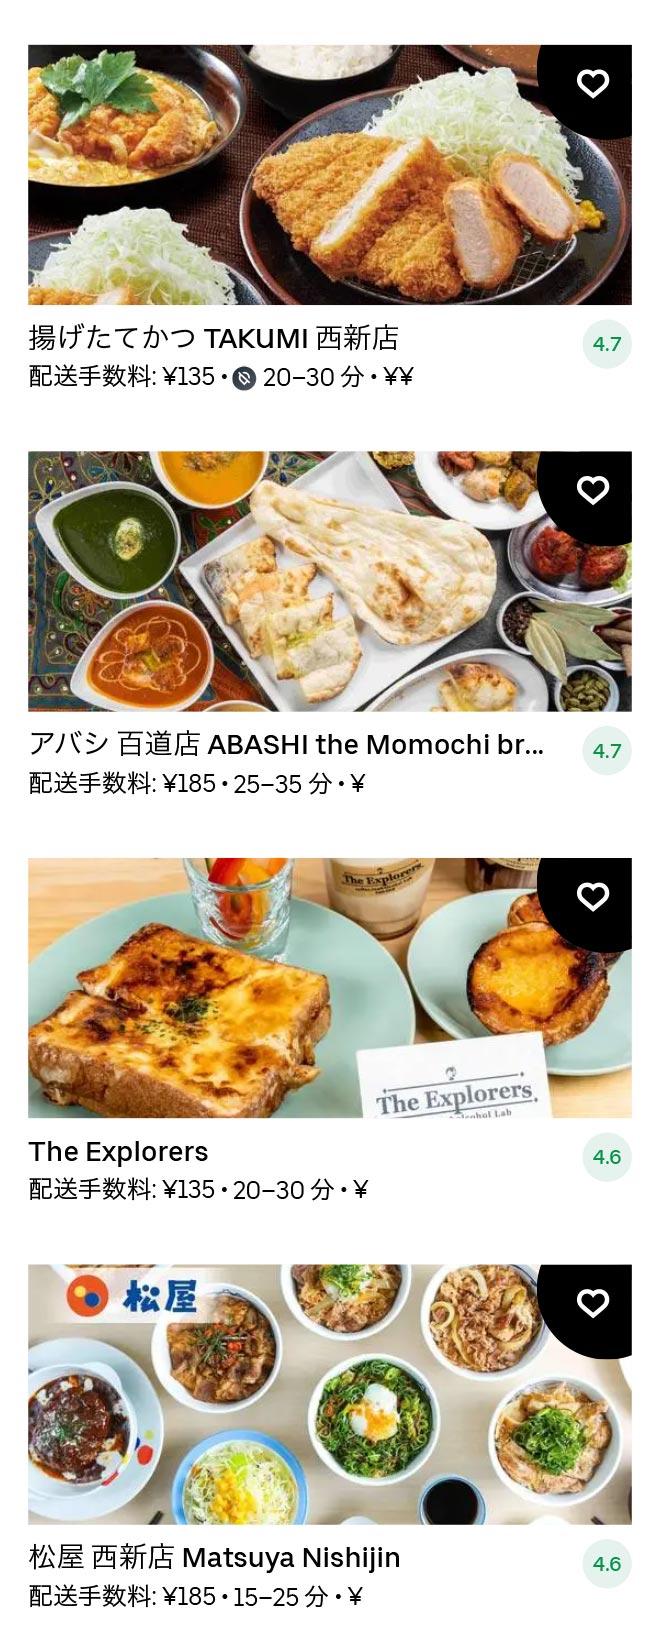 Nishijin menu 2101 07